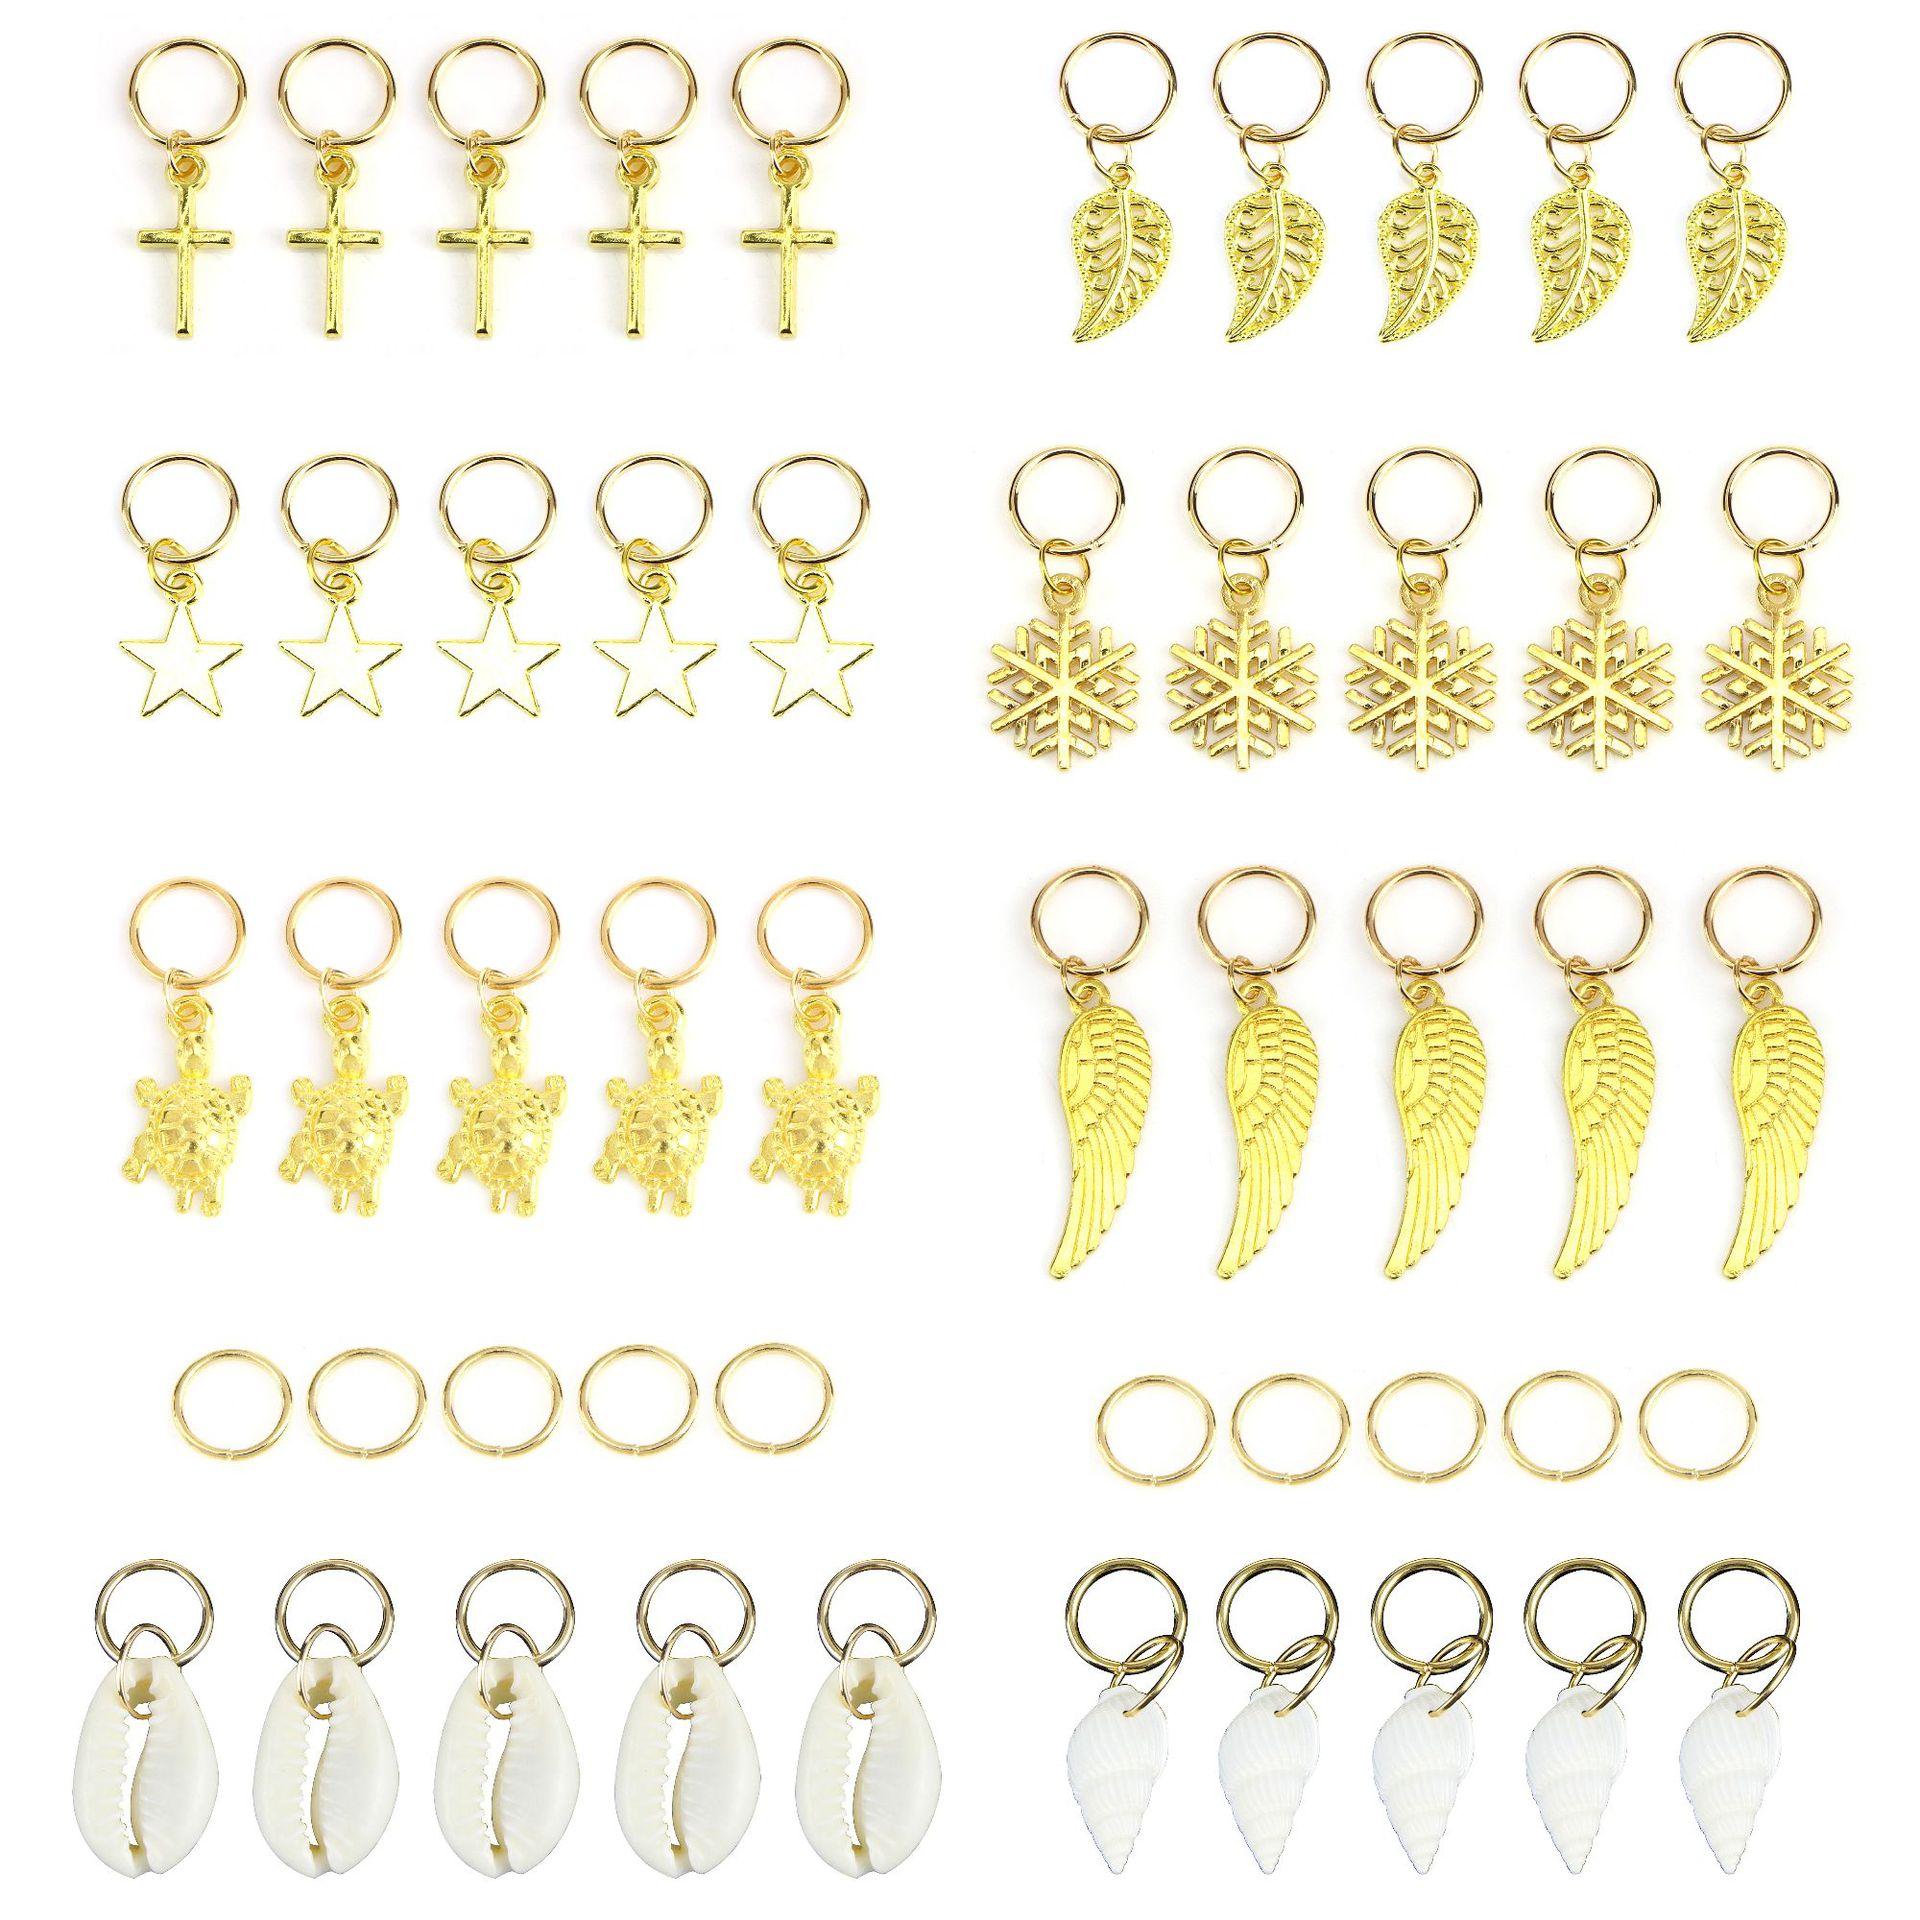 50Pcs/bag Gold Silver Hair Ring Braid Dreadlocks Bead Hair Cuffs Dread Tube Charm Dreadlock Accessaries Extension